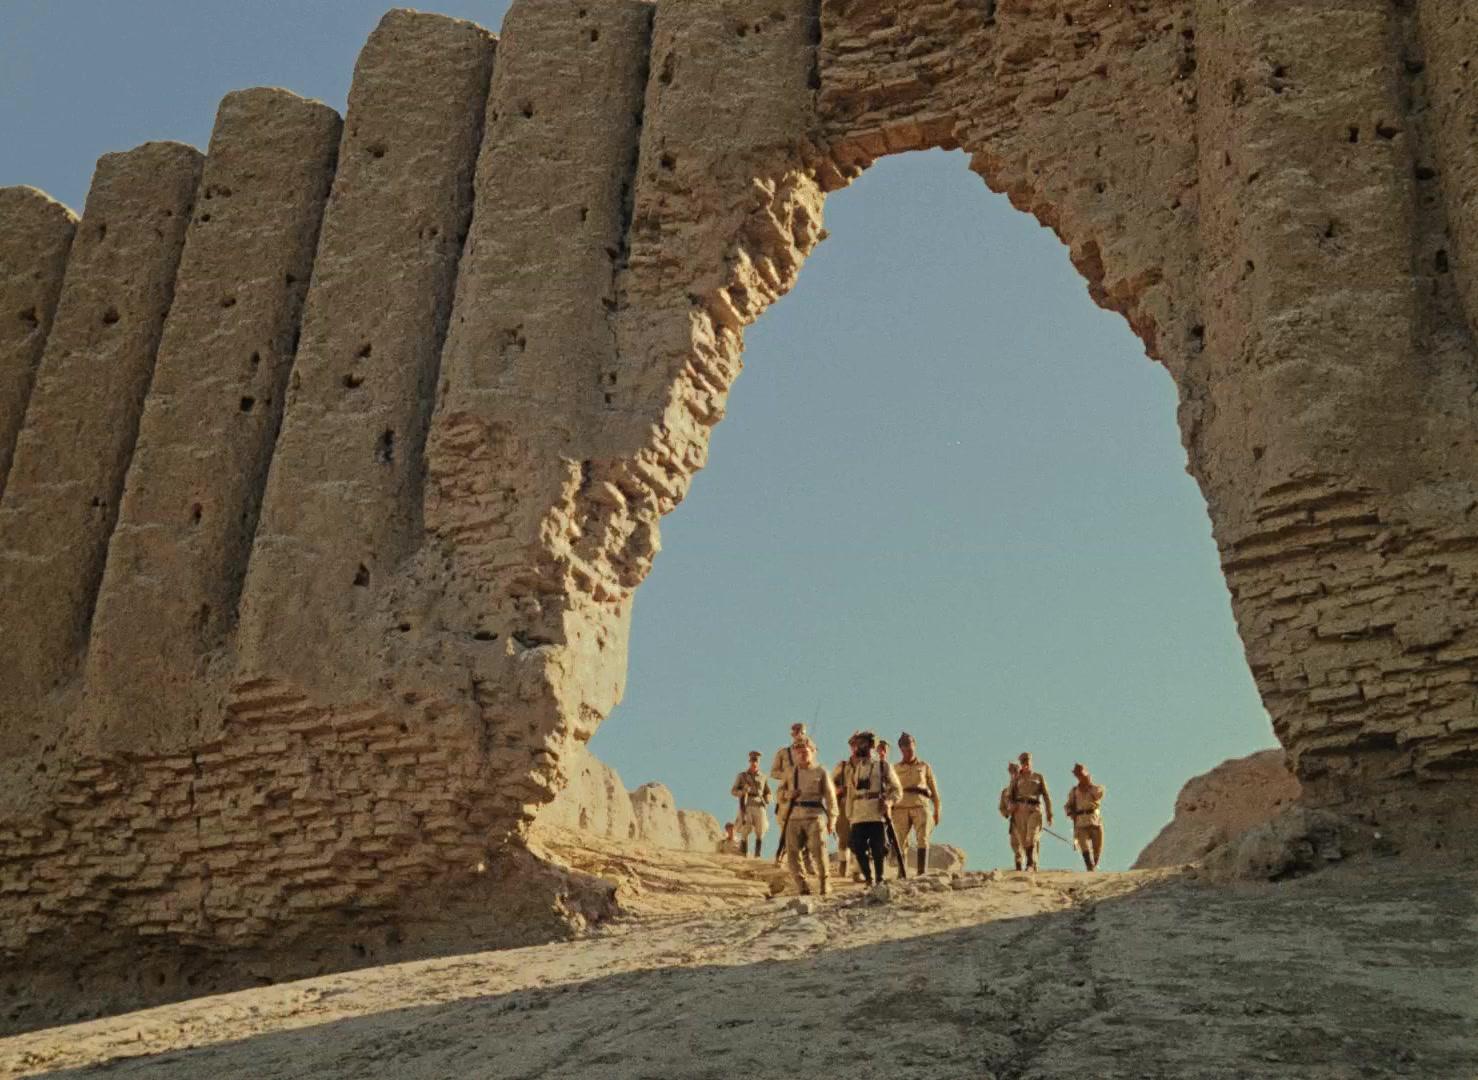 White.Sun.Of.The.Desert.1969.1080p.Blu-Ray.FLAC.DTS.mkv_20140324_084935.245.jpg